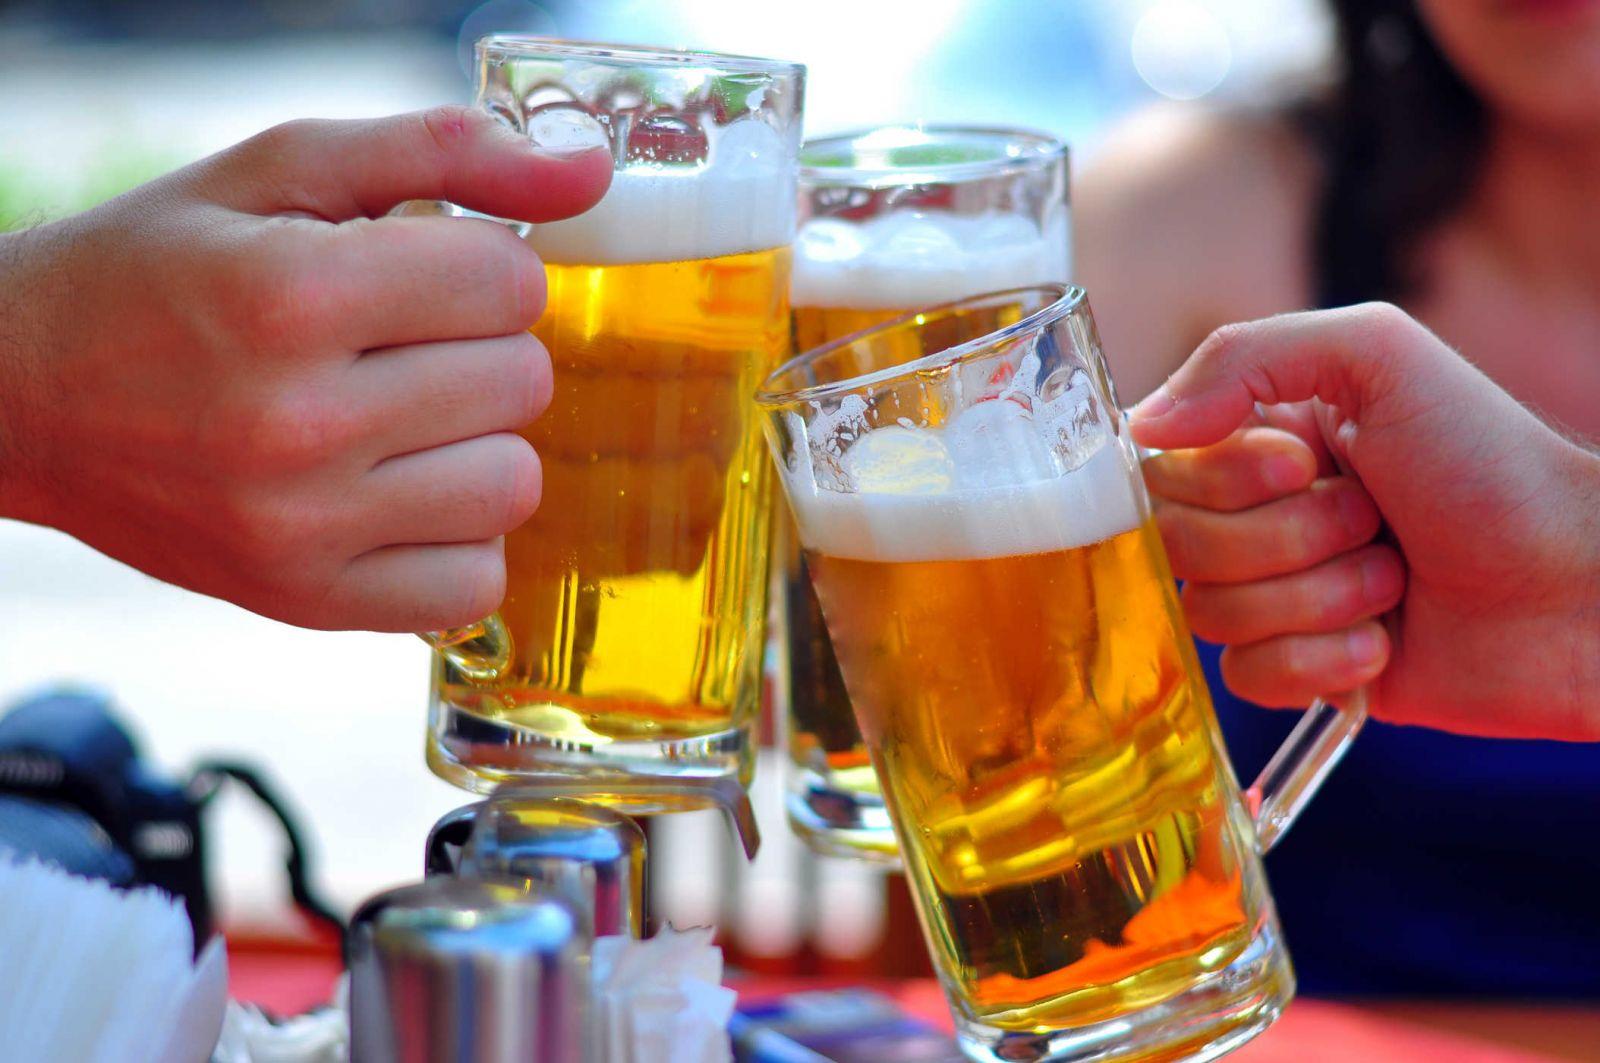 Chất kích thích như bia rượu cũng là một nguyên nhân